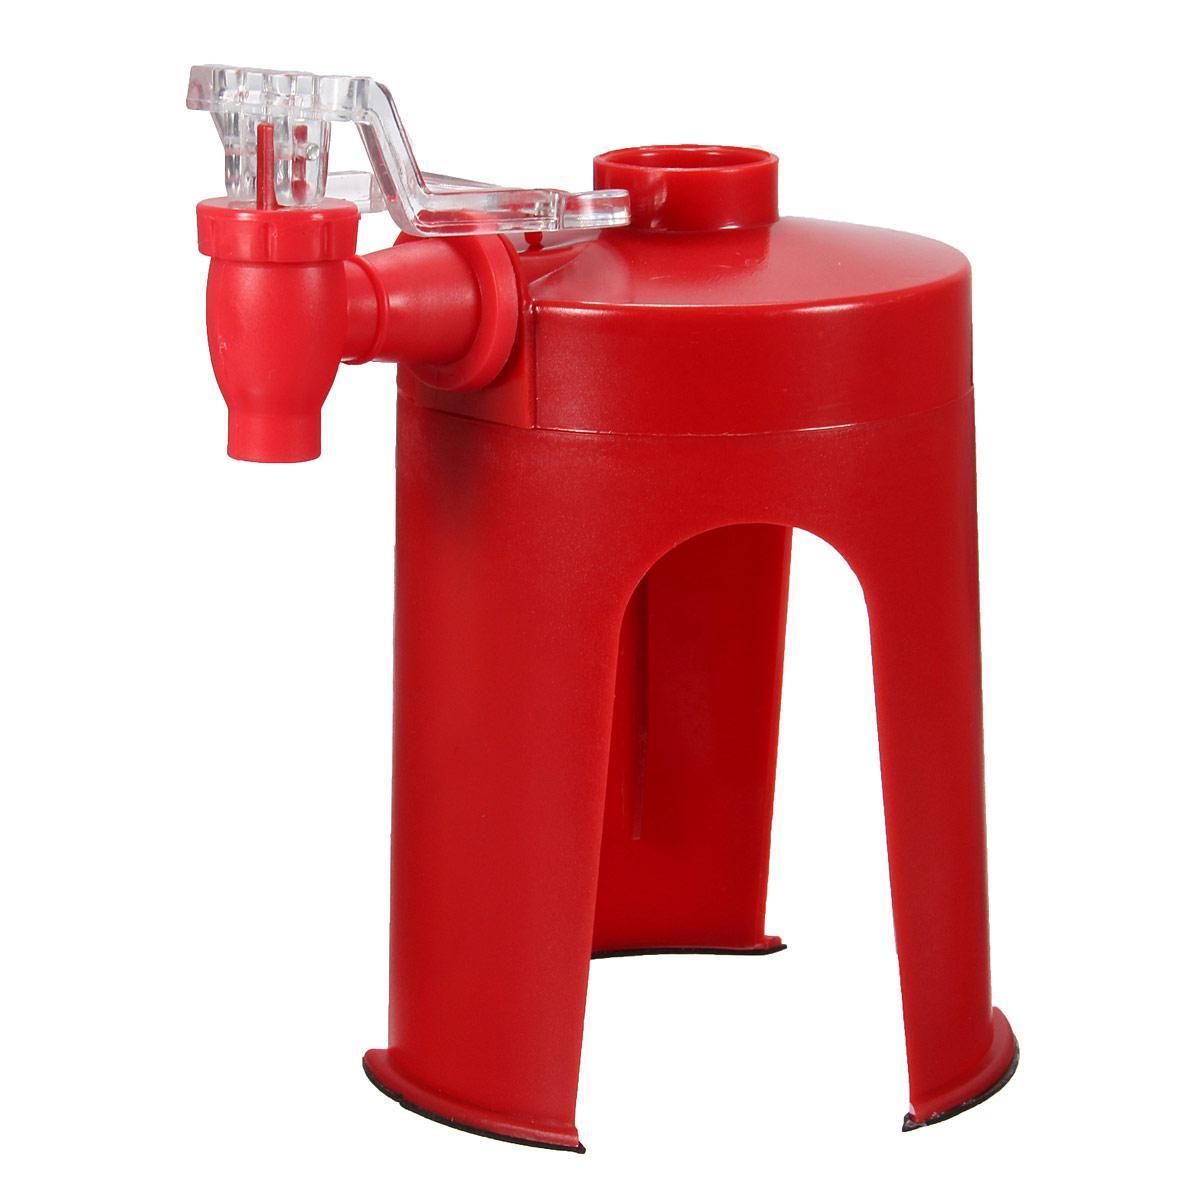 🔝 Диспенсер для напитков, Fizz Saver, дозатор для напитков, таких как фанта, спрайт, дозатор | 🎁%🚚